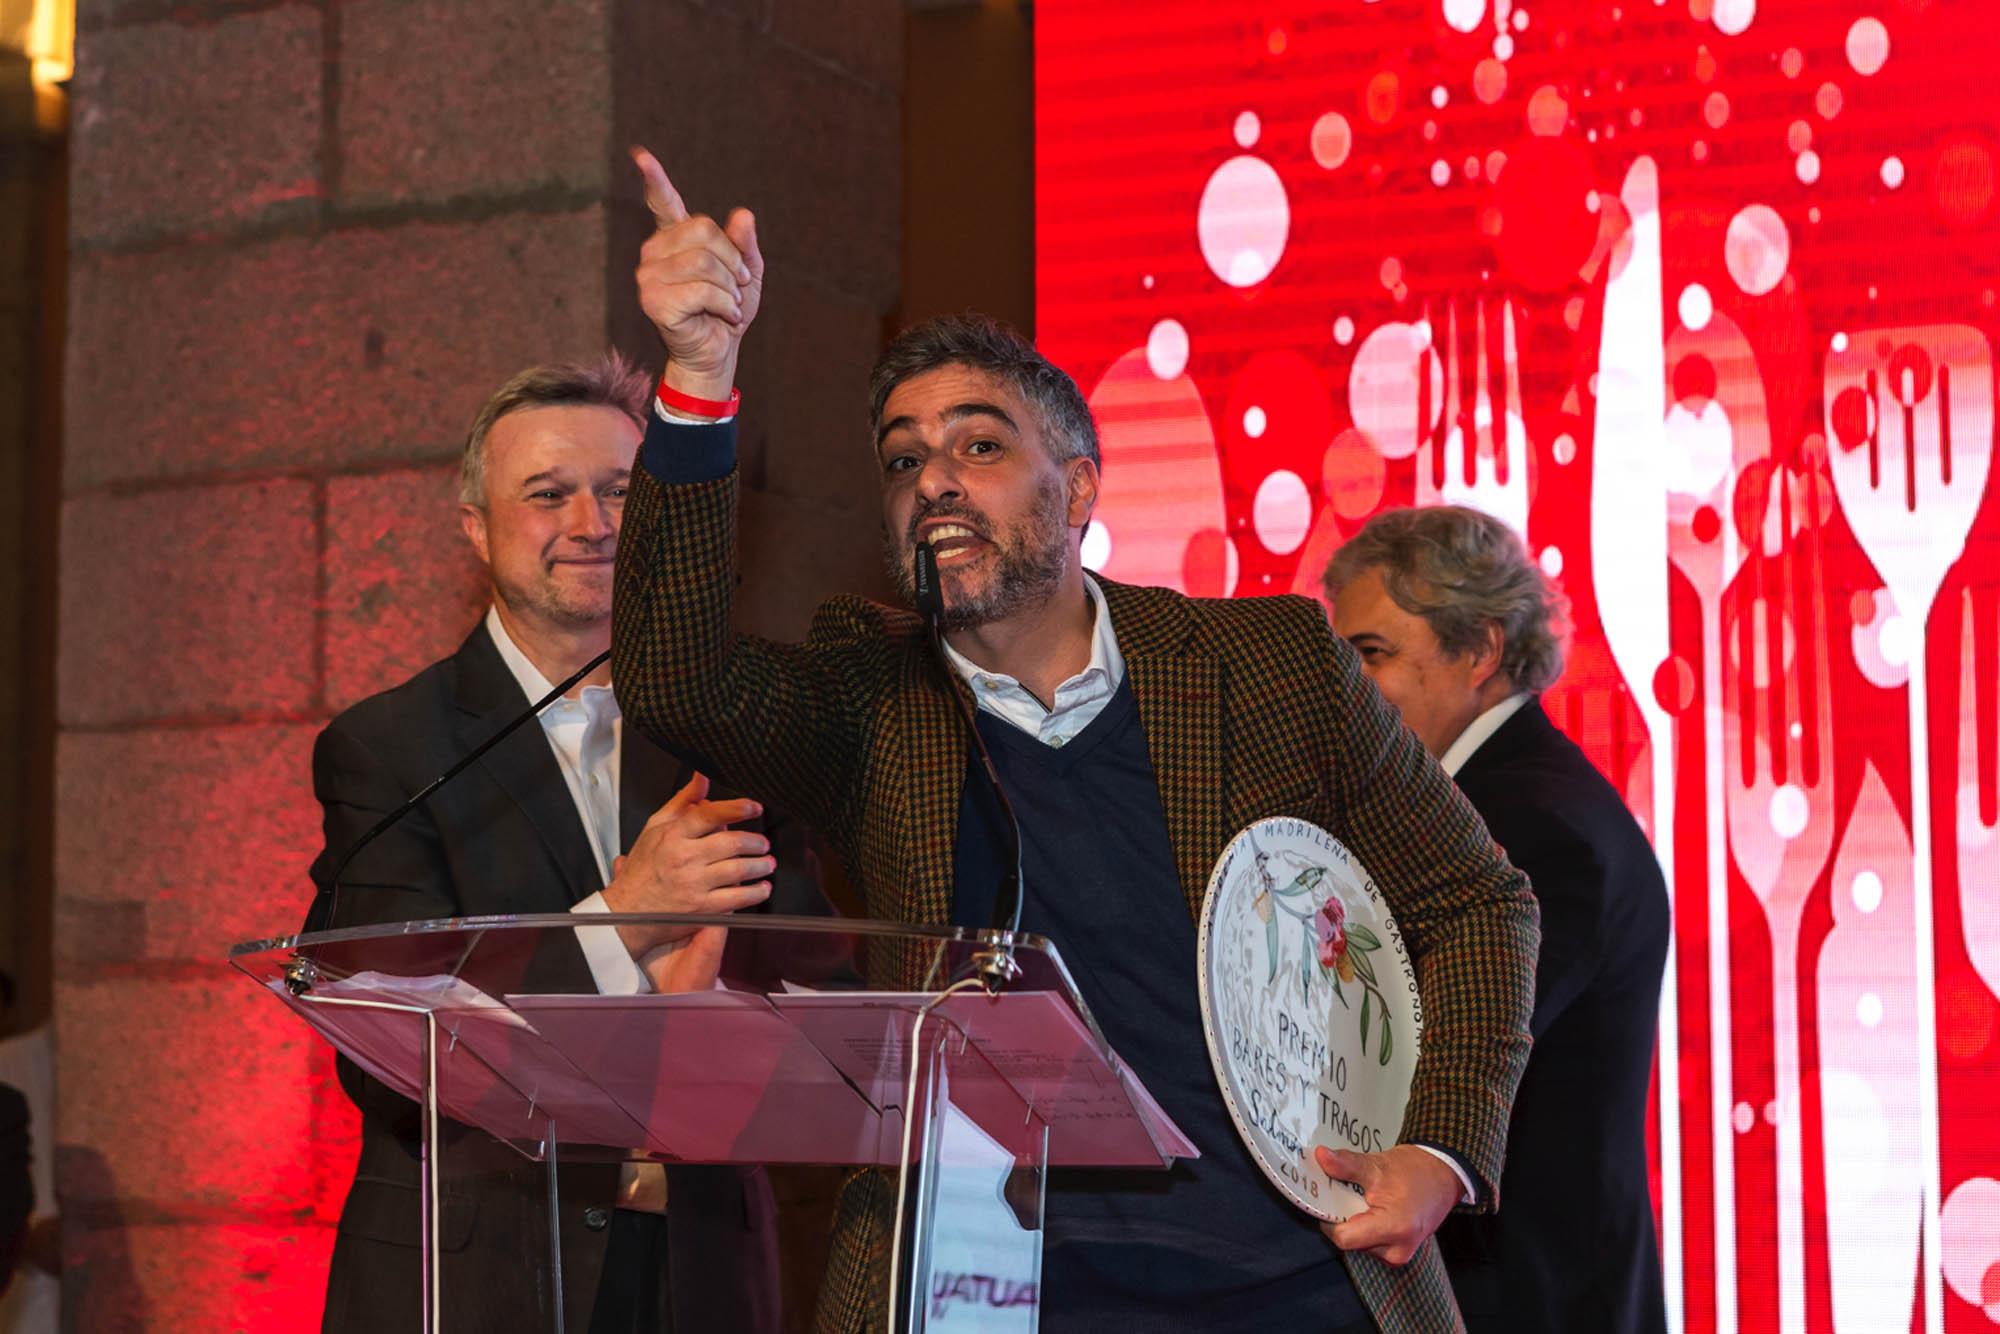 Diego Cabrera no pudo contenerse y lanzó un ¡Viva Madrid! a la ciudad que tan calurosamente le ha acogido.